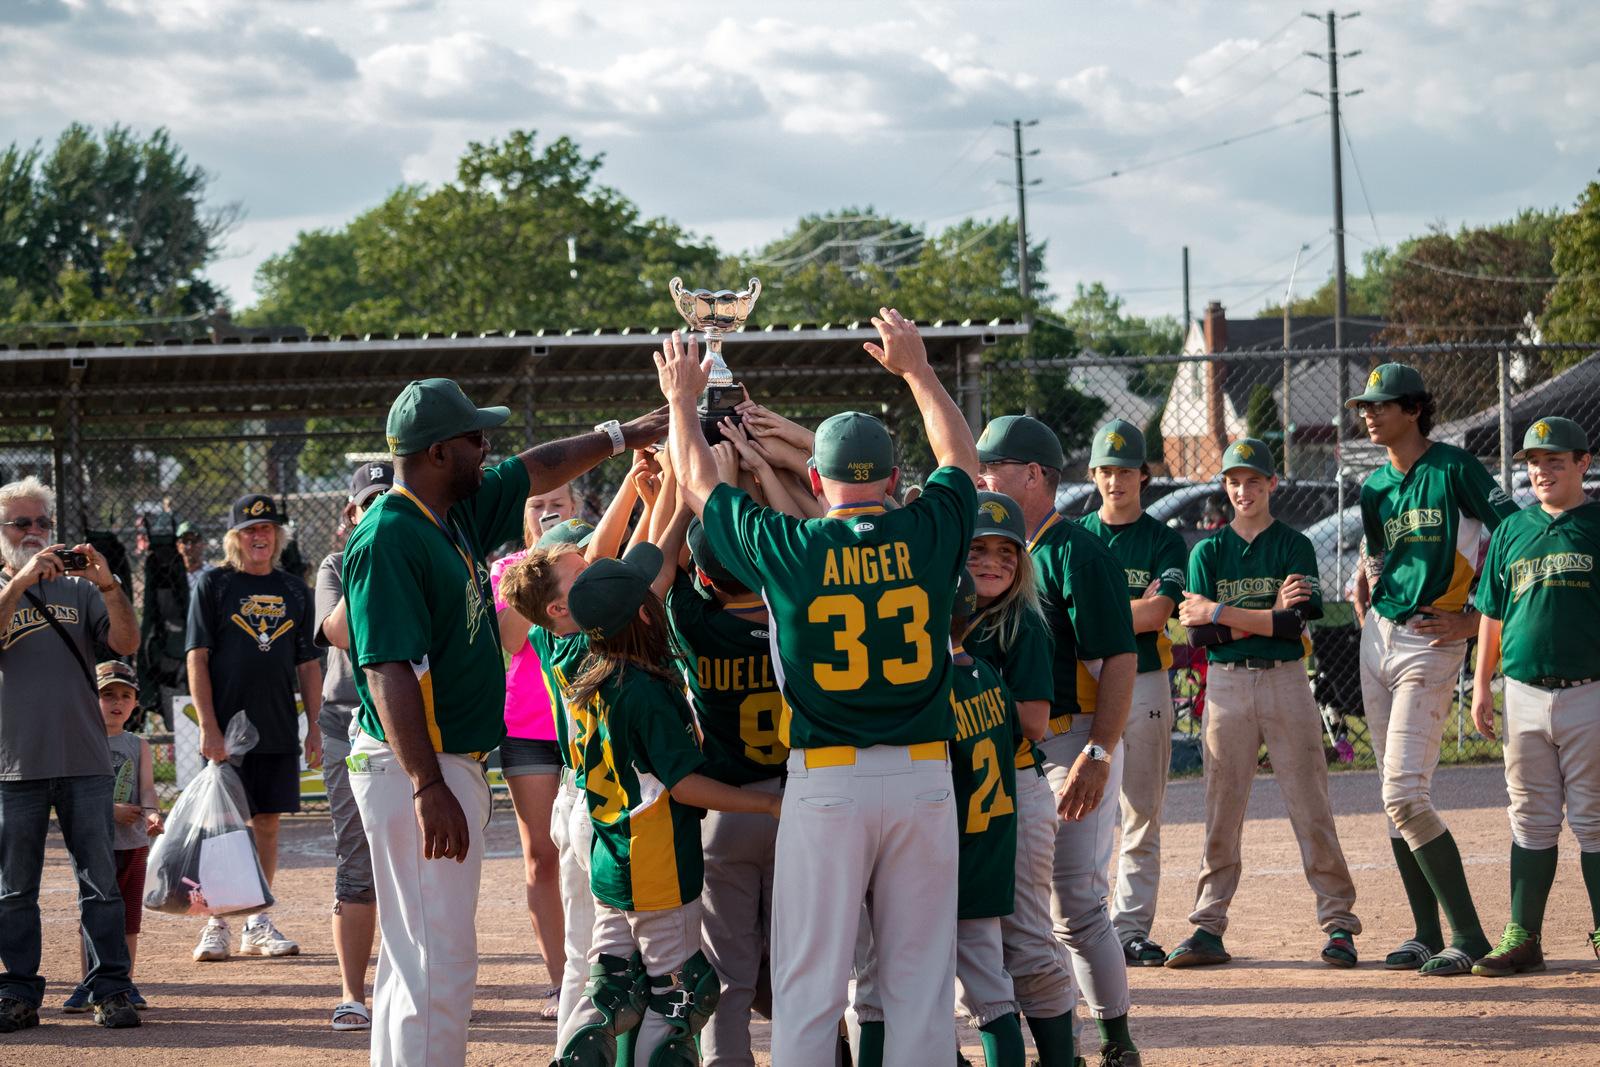 Peewee Windsor Central Little League John Kaschak Memorial Friendship Tournament Forest Glade Baseball